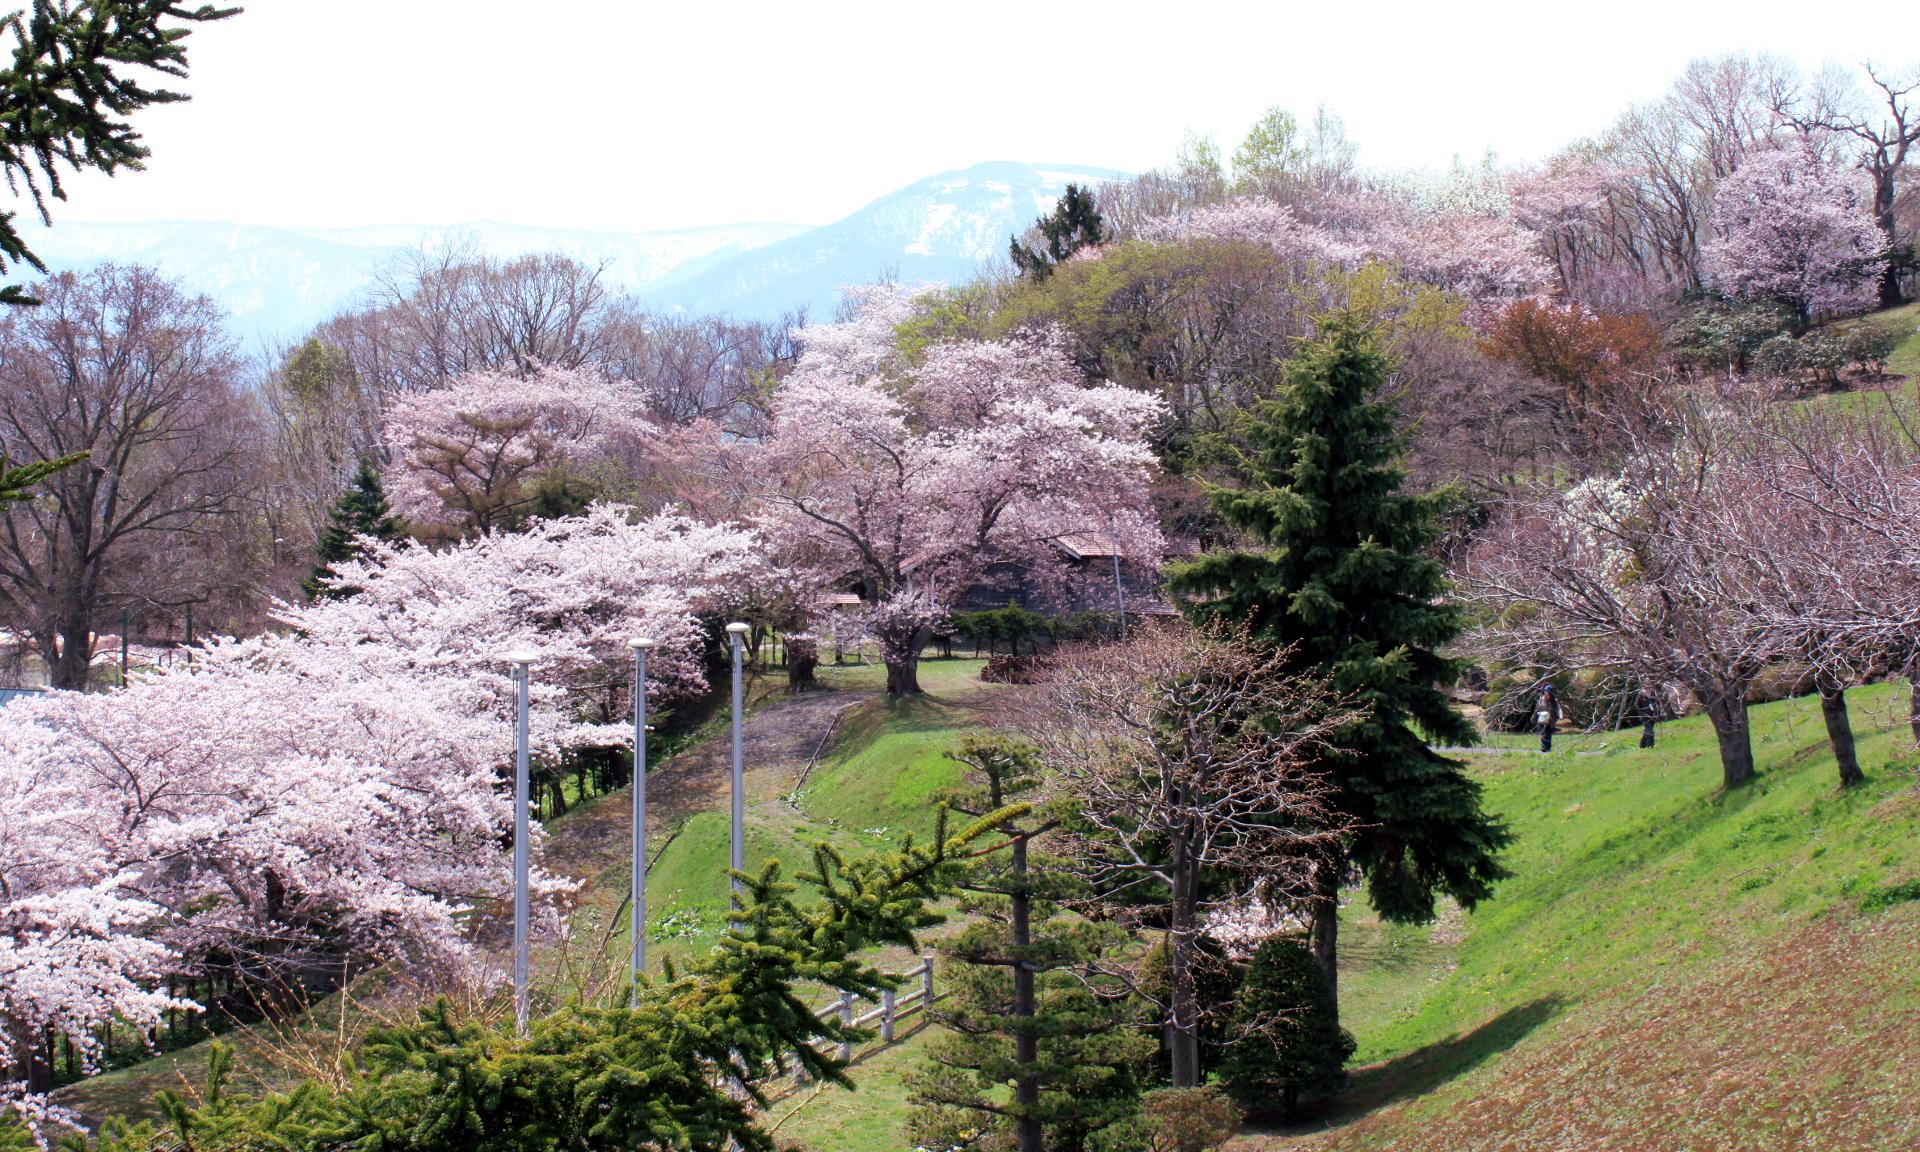 japonia hokkaido widok gory wisnia iglawpodrozy